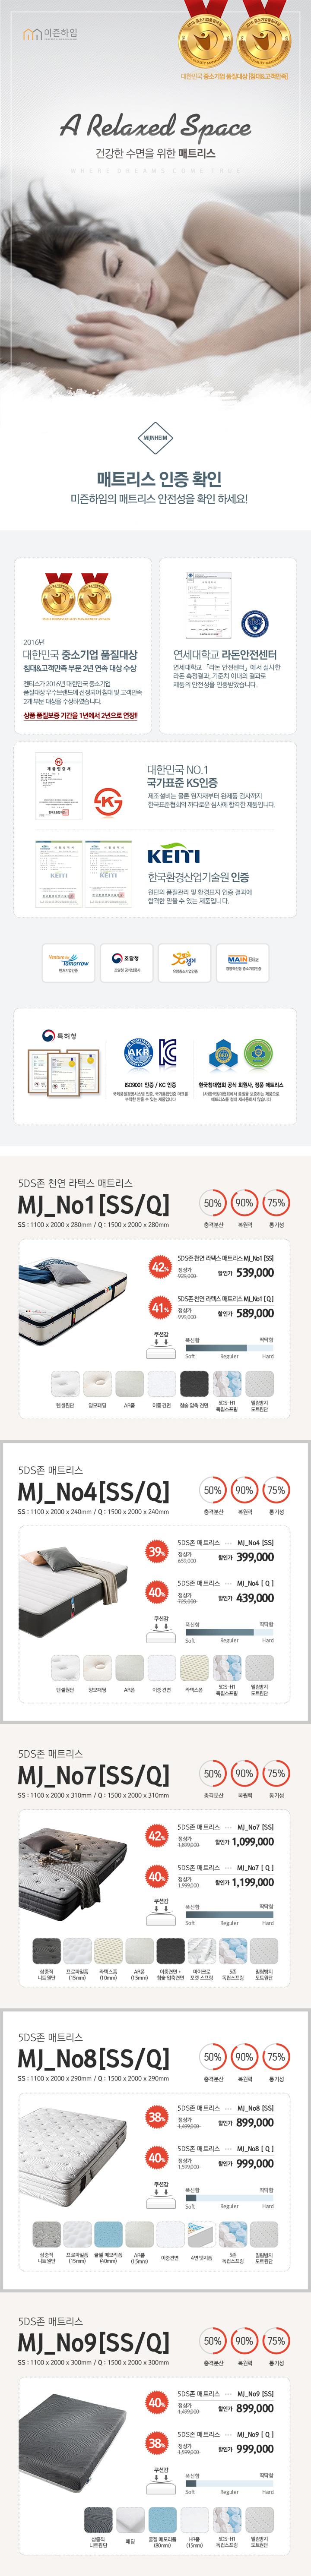 엔퍼니 철제침대 SS - 미즌하임, 432,000원, 침대, 싱글/슈퍼싱글 침대